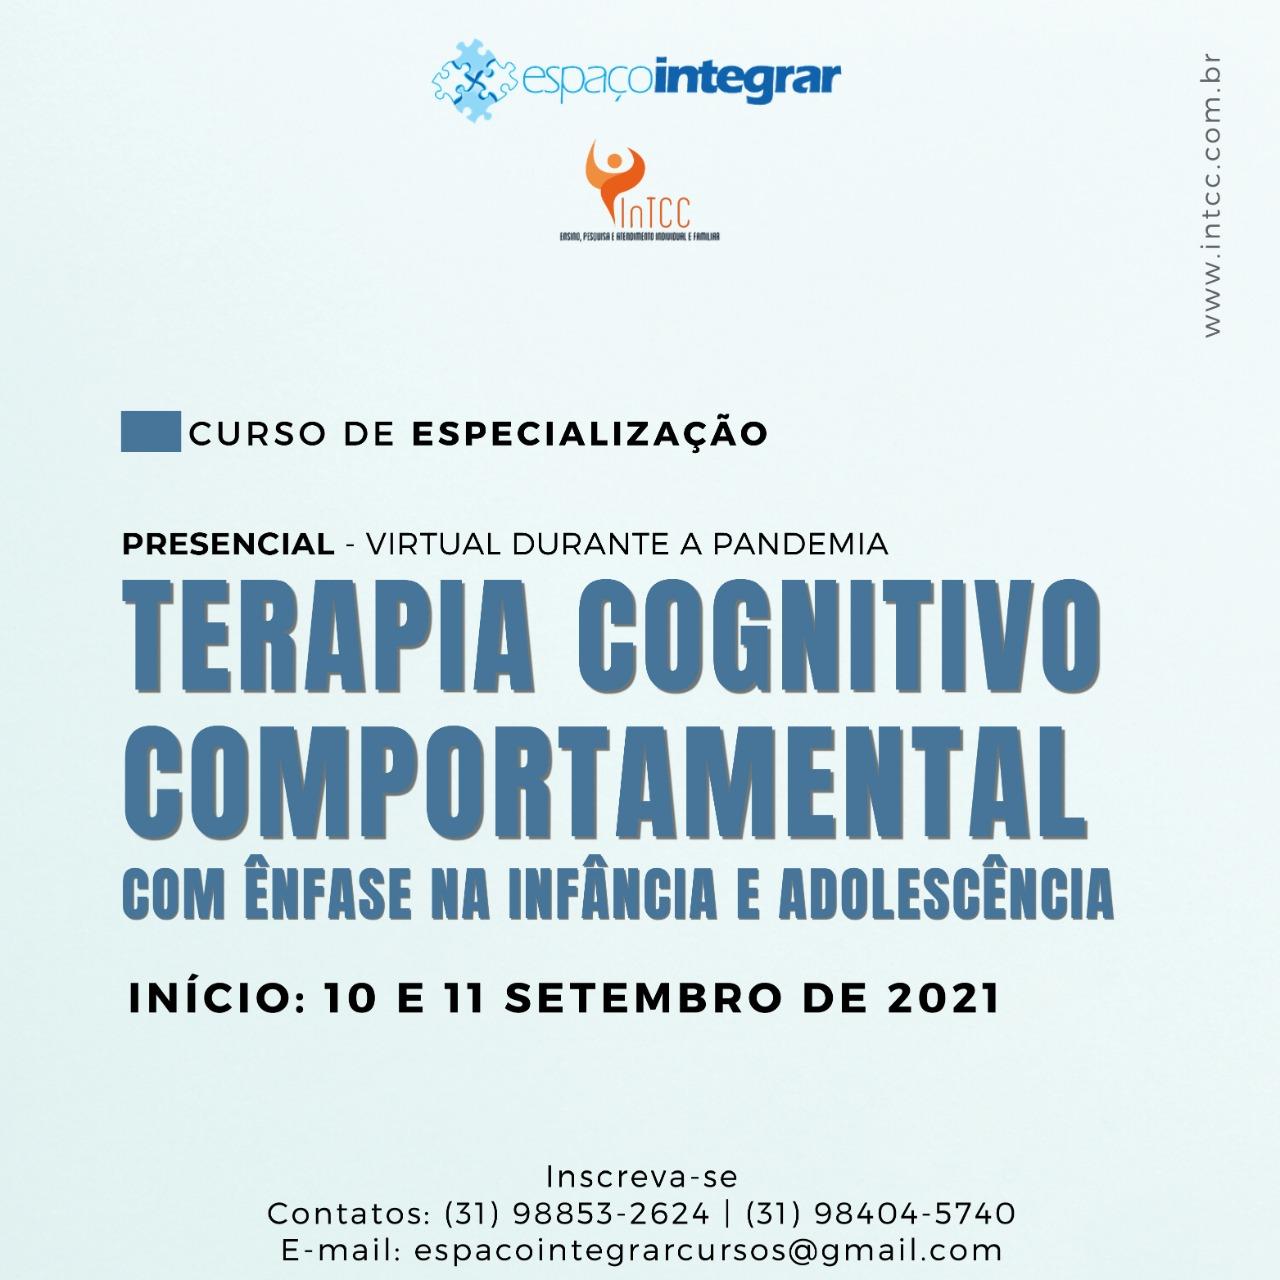 Curso de Especialização em Terapia Cognitivo-Comportamental com Ênfase na Infância e Adolescência - Turma com início dia 10 e 11 de setembro de 2021